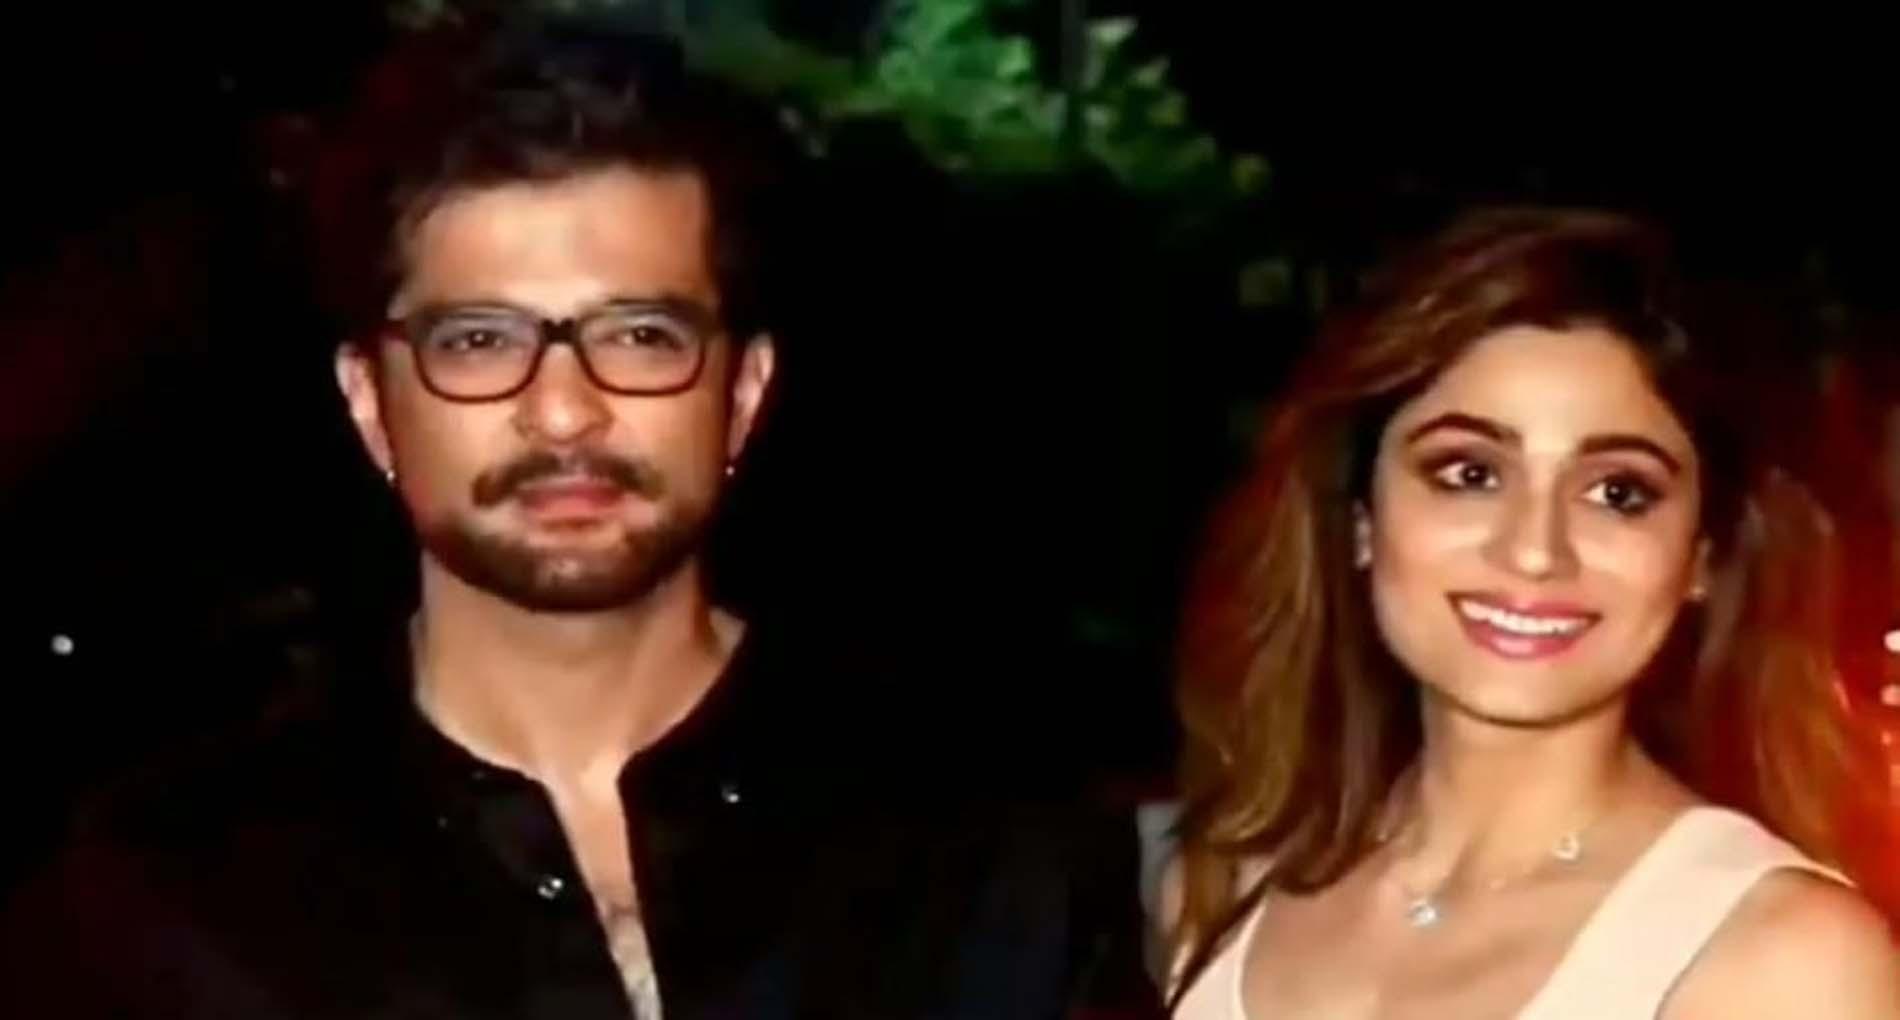 Shamita Shetty And Raqesh Bapat: डिनर डेट पर गए शमिता शेट्टी और राकेश बापत! हाथ थामे नजर आए